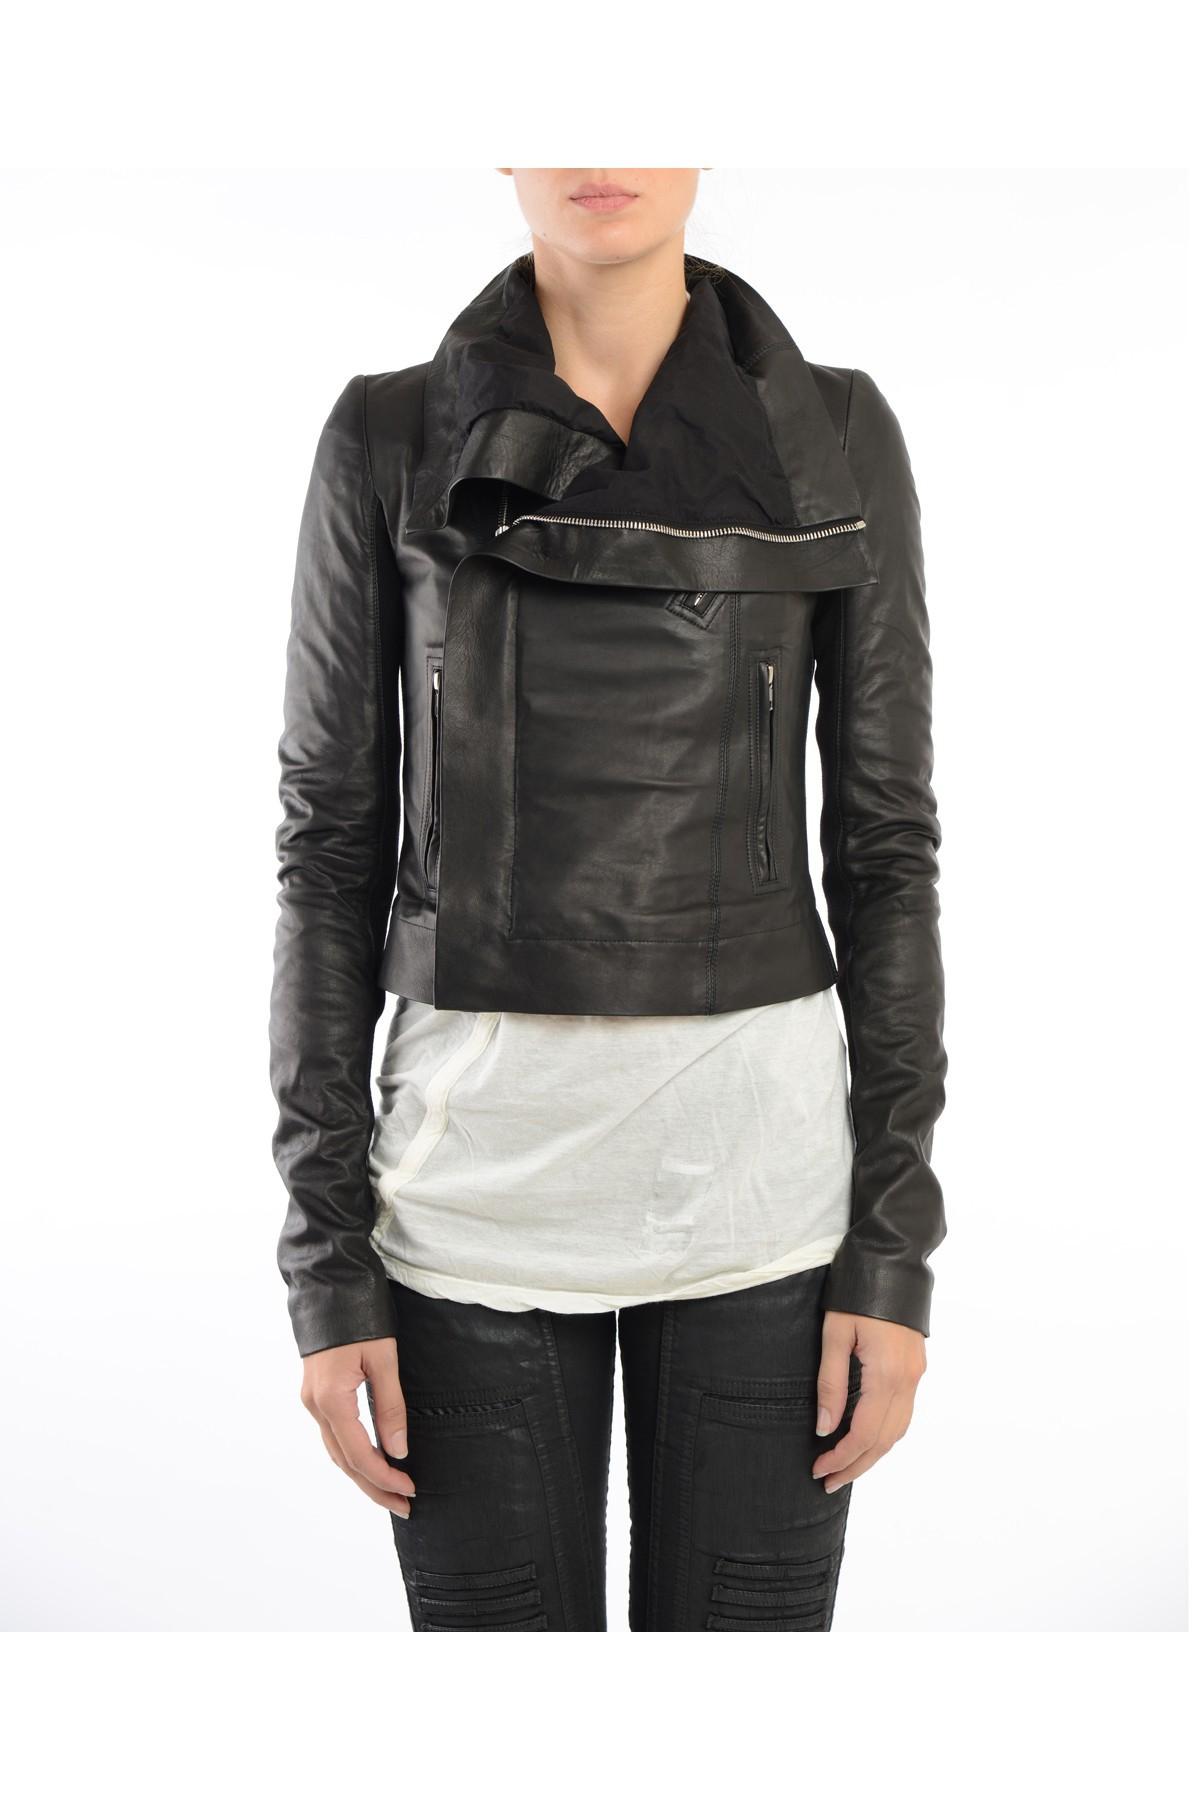 Soft black leather jacket